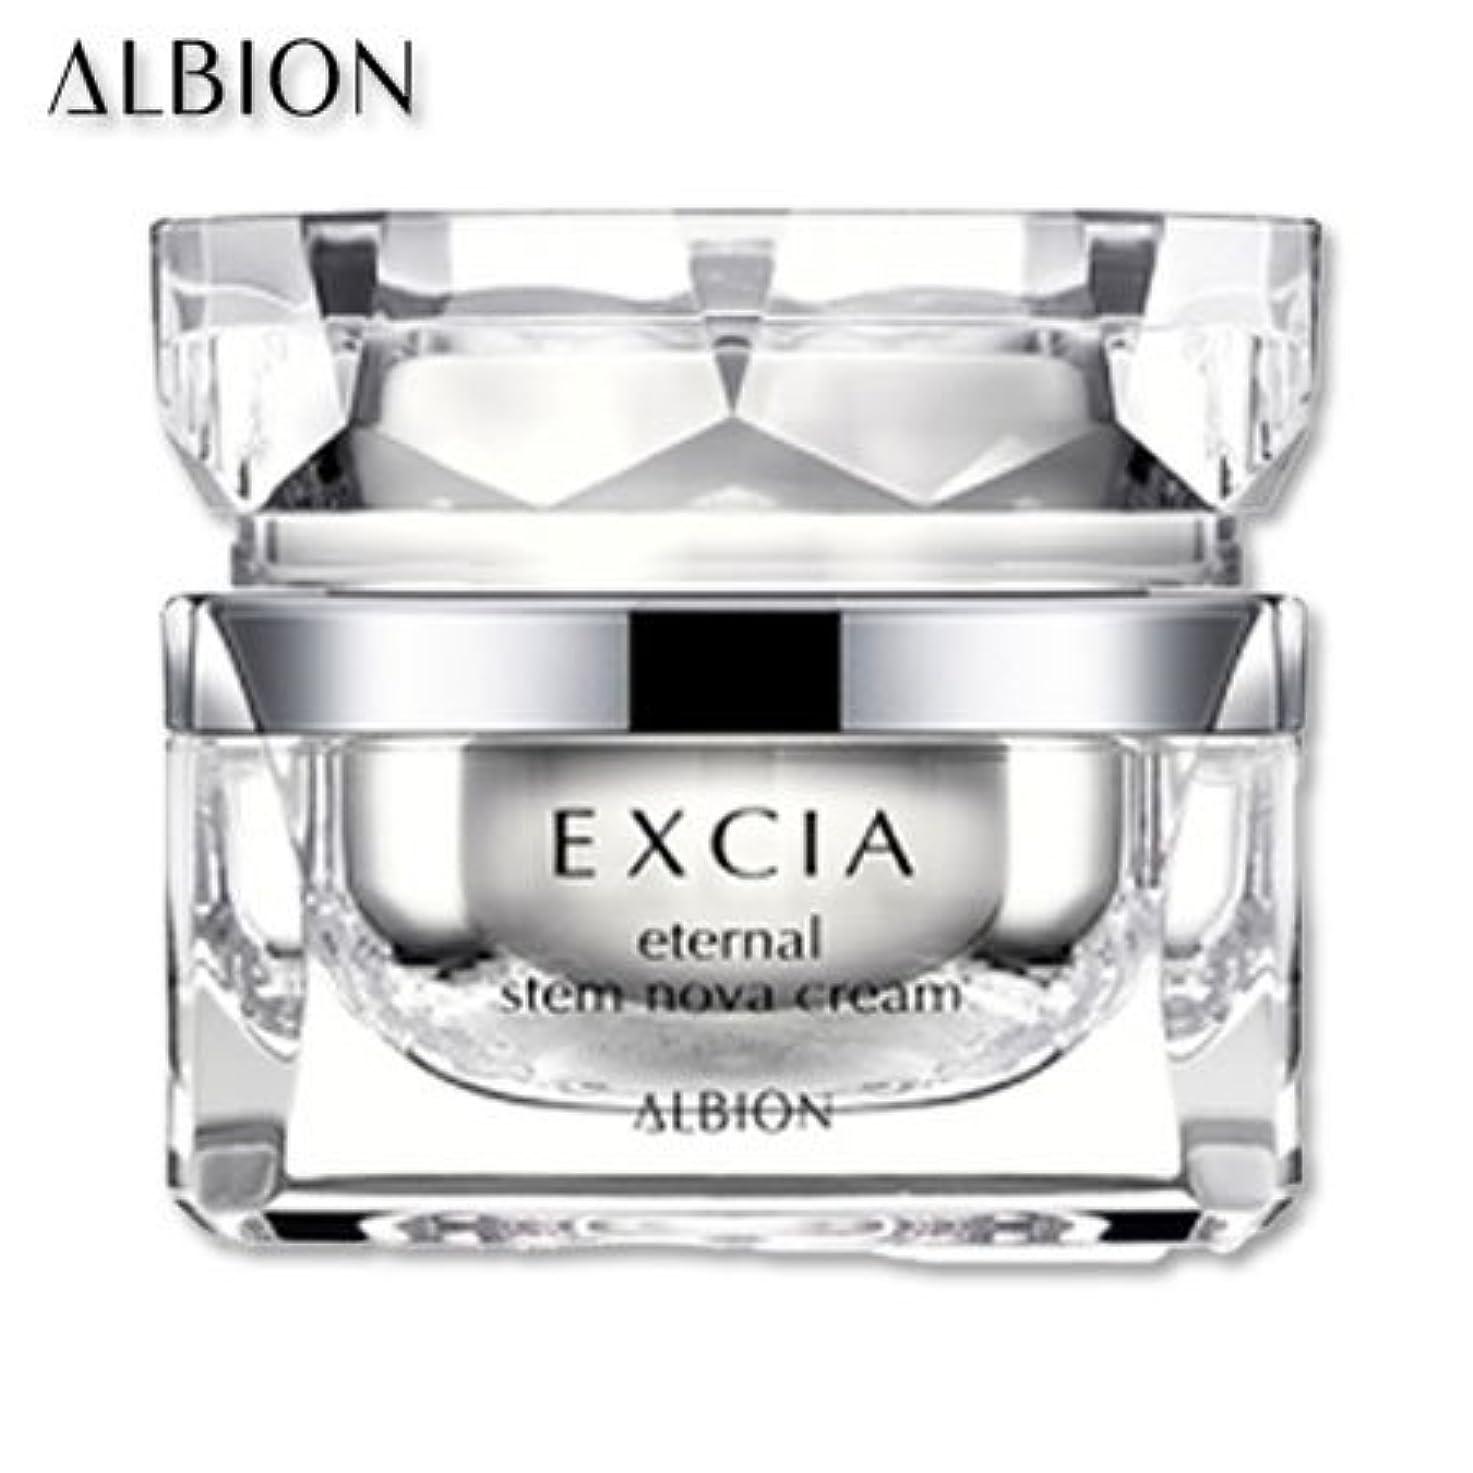 物足りない論争の的毛布アルビオン エクシア AL エターナル ステム ノーヴァ クリーム 30g-ALBION-